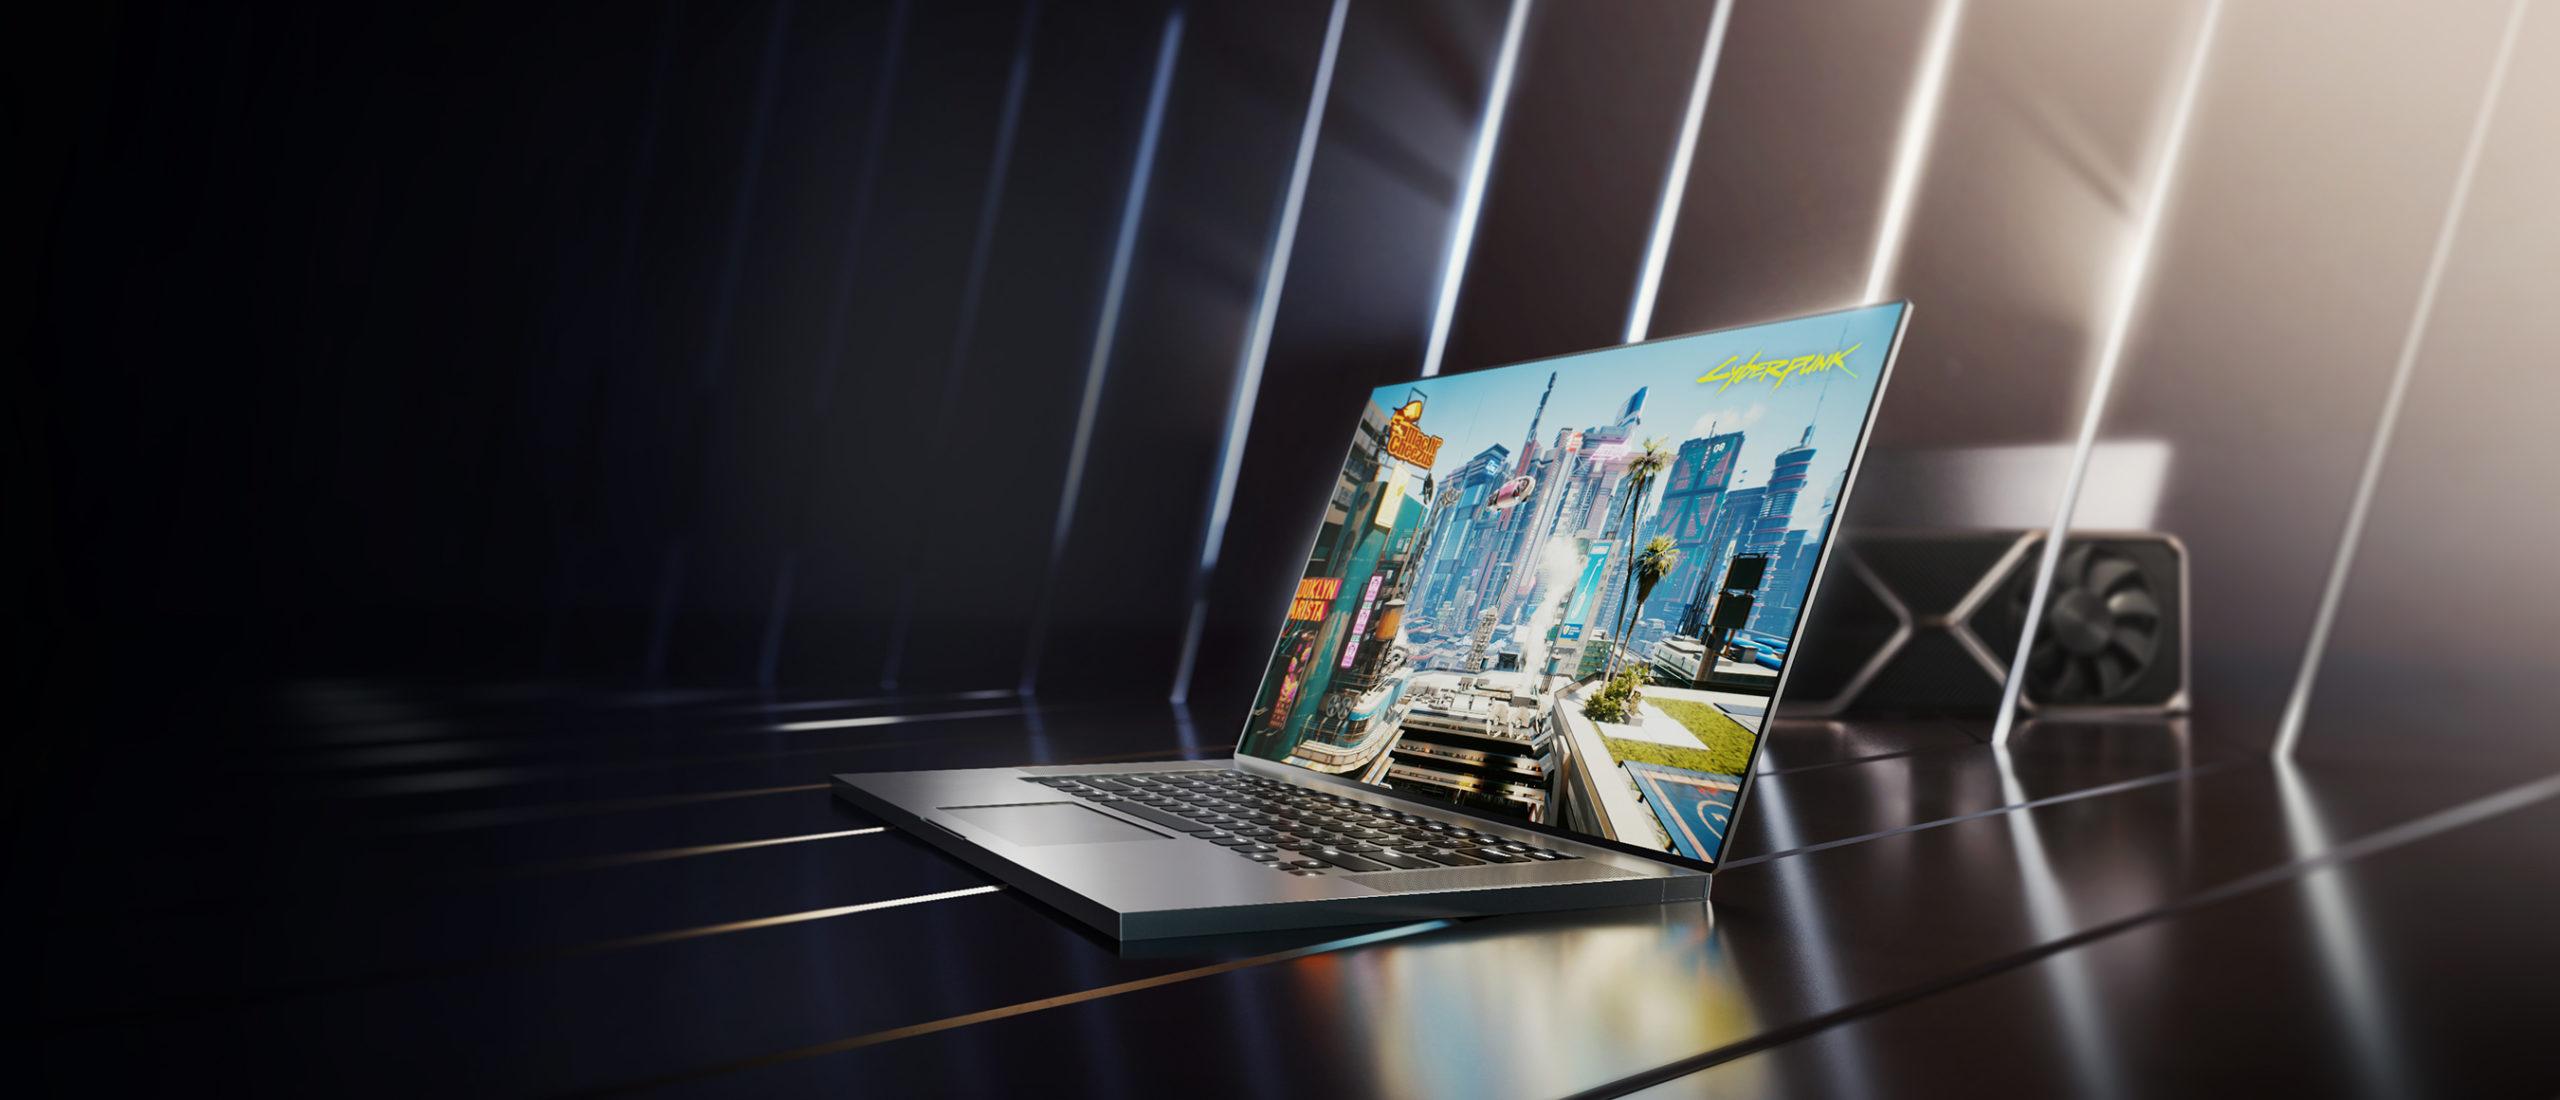 Архитектура NVIDIA Ampere появилась в 70+ новых ноутбуках